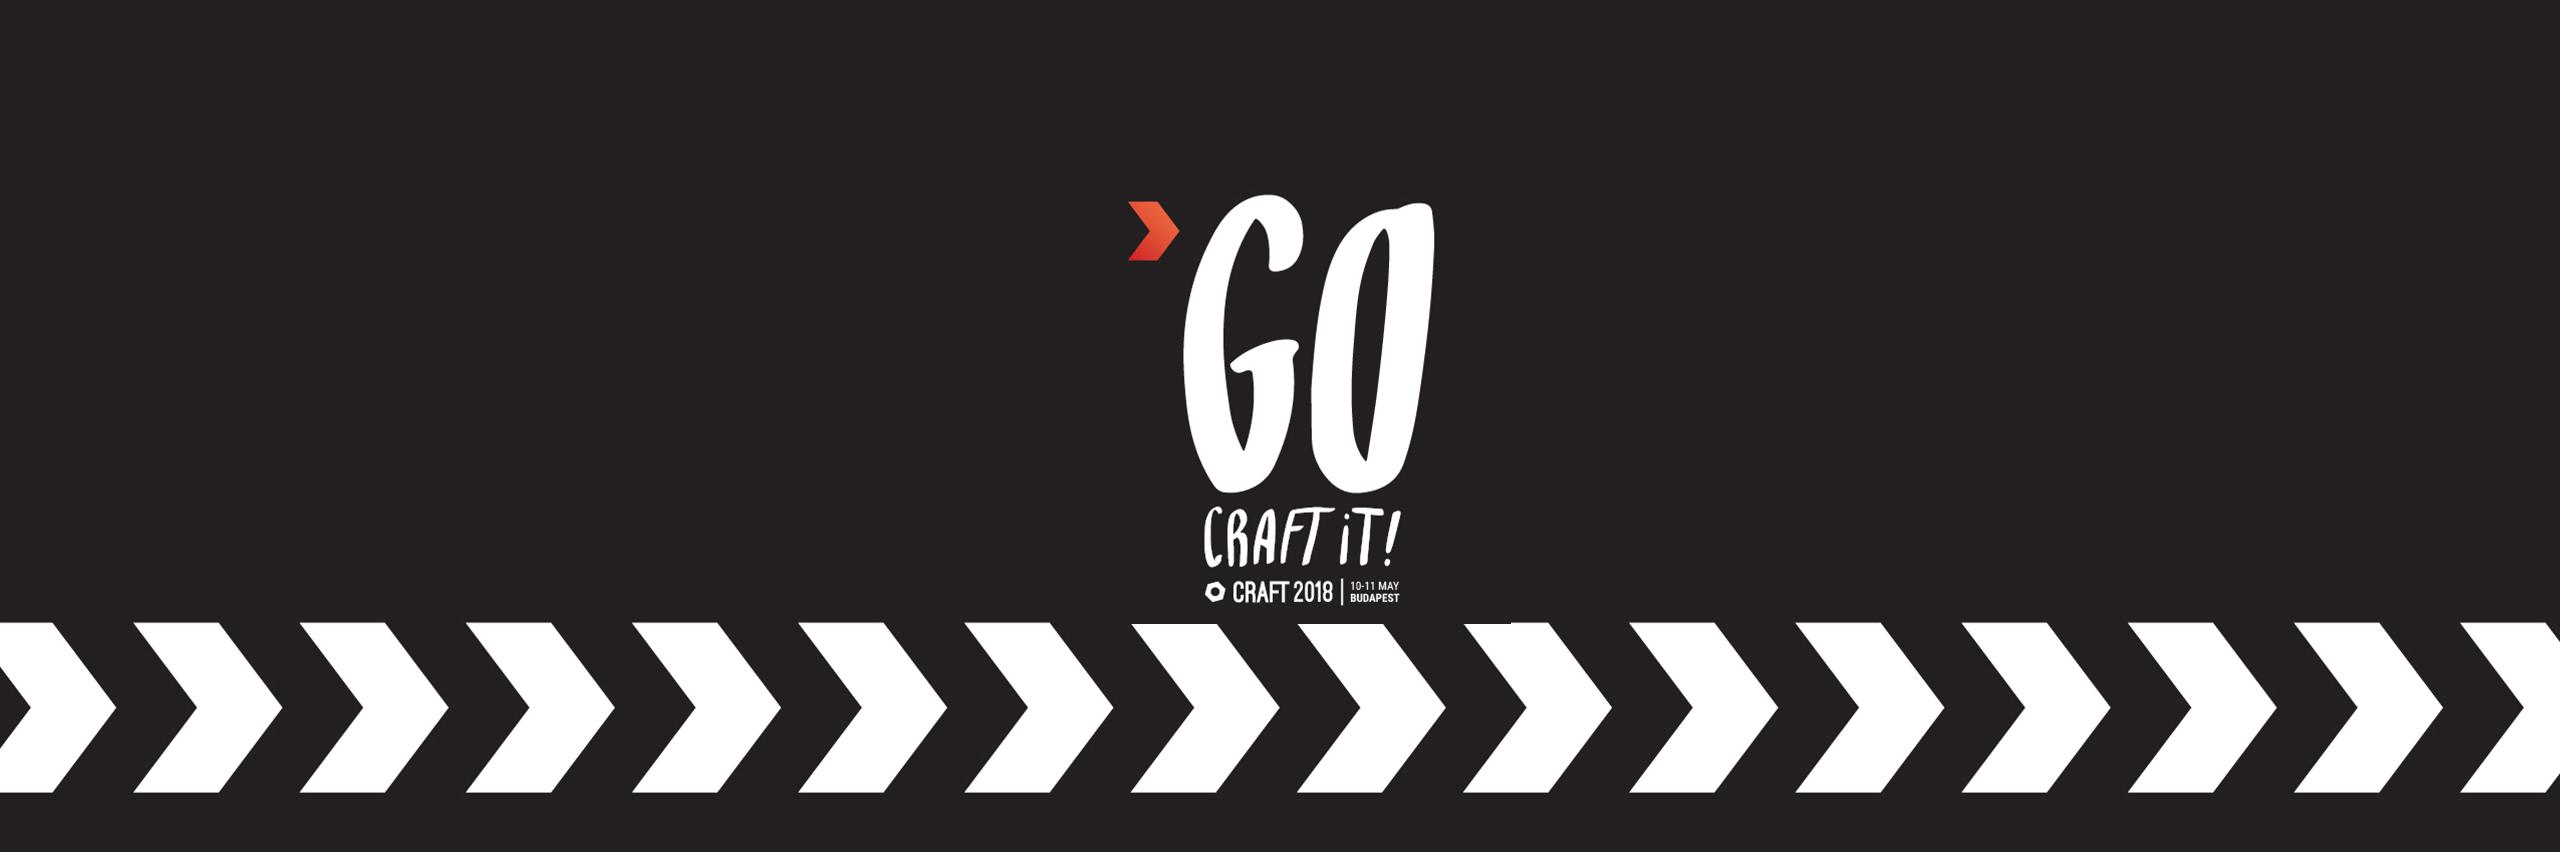 Craft Conference - Platform 2